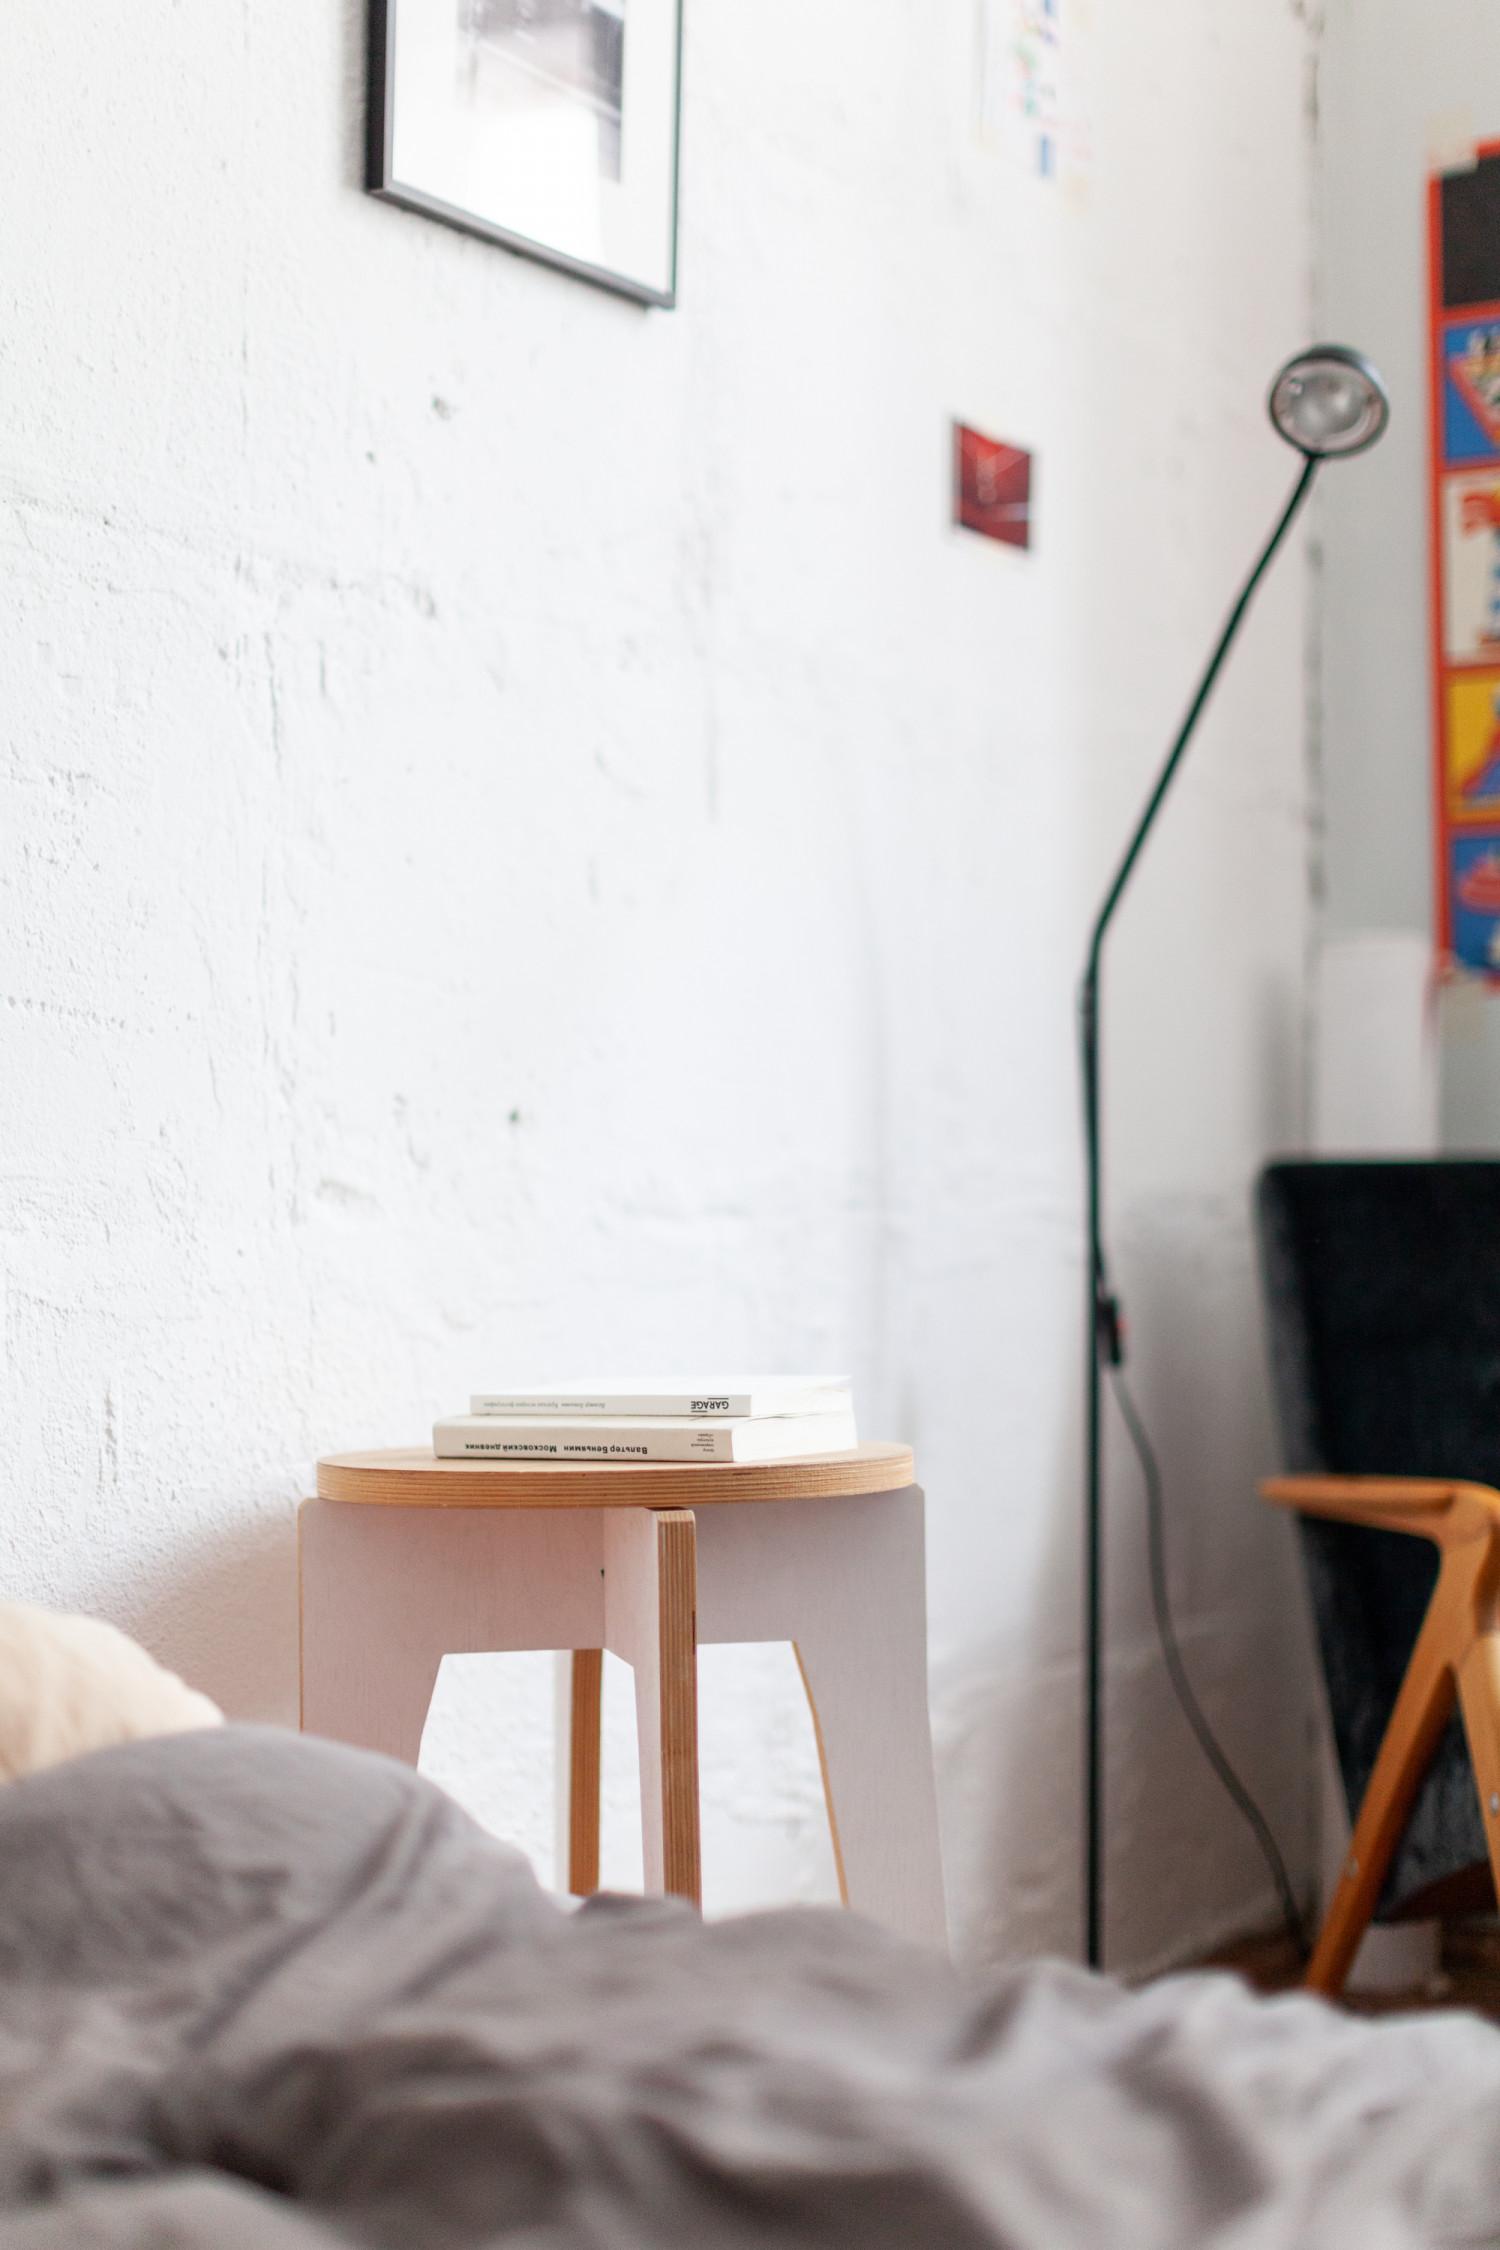 табуретка из коллекции мебели, которую мы в компании с друзьями делали для 6 биеналле современного искусства в Москве, удалось урвать после закрытия. Ну и две книжки Беньямина, пытаюсь читать, вместо просмотров сериалов и сна.